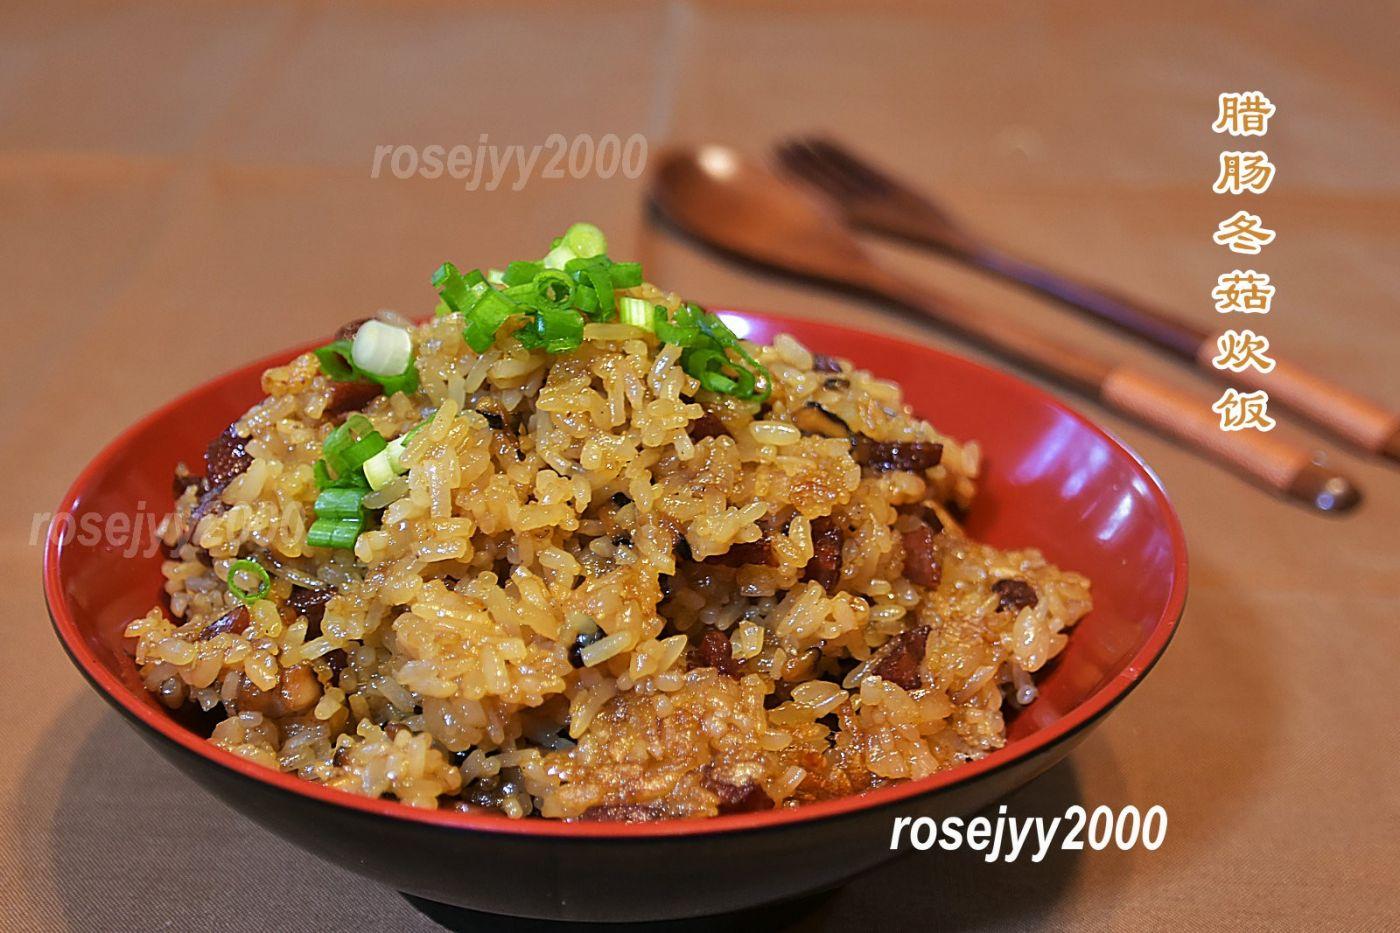 腊肠冬菇炊饭_图1-1